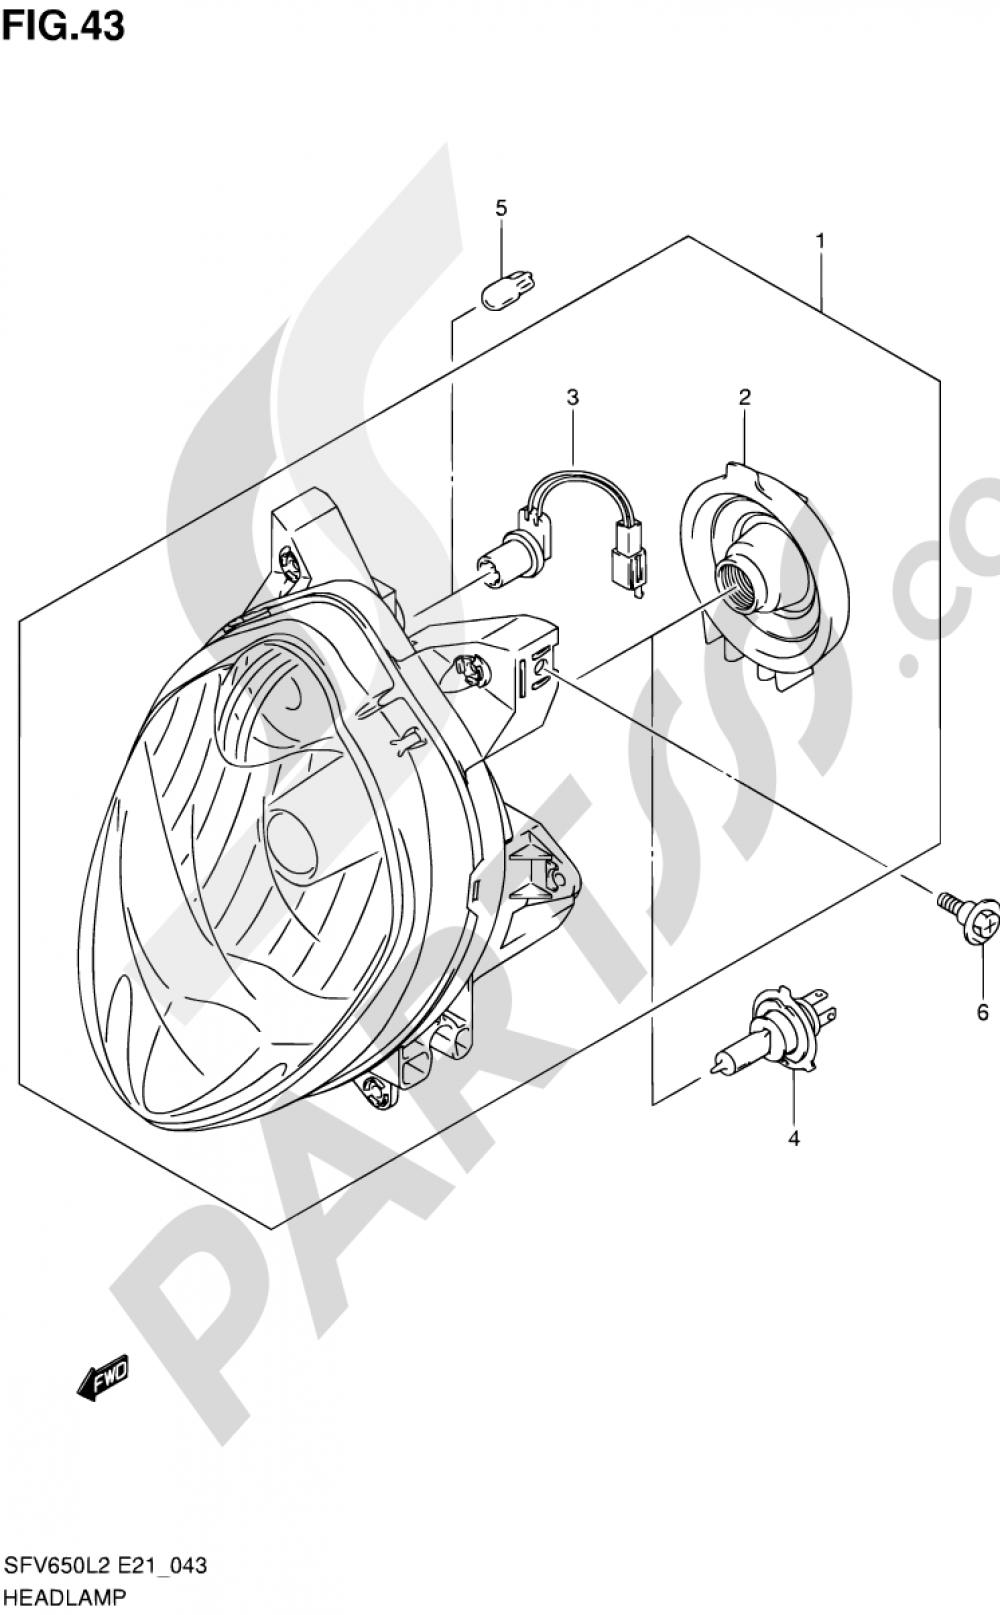 43 - HEADLAMP (SFV650L2 E21) Suzuki GLADIUS SFV650 2012